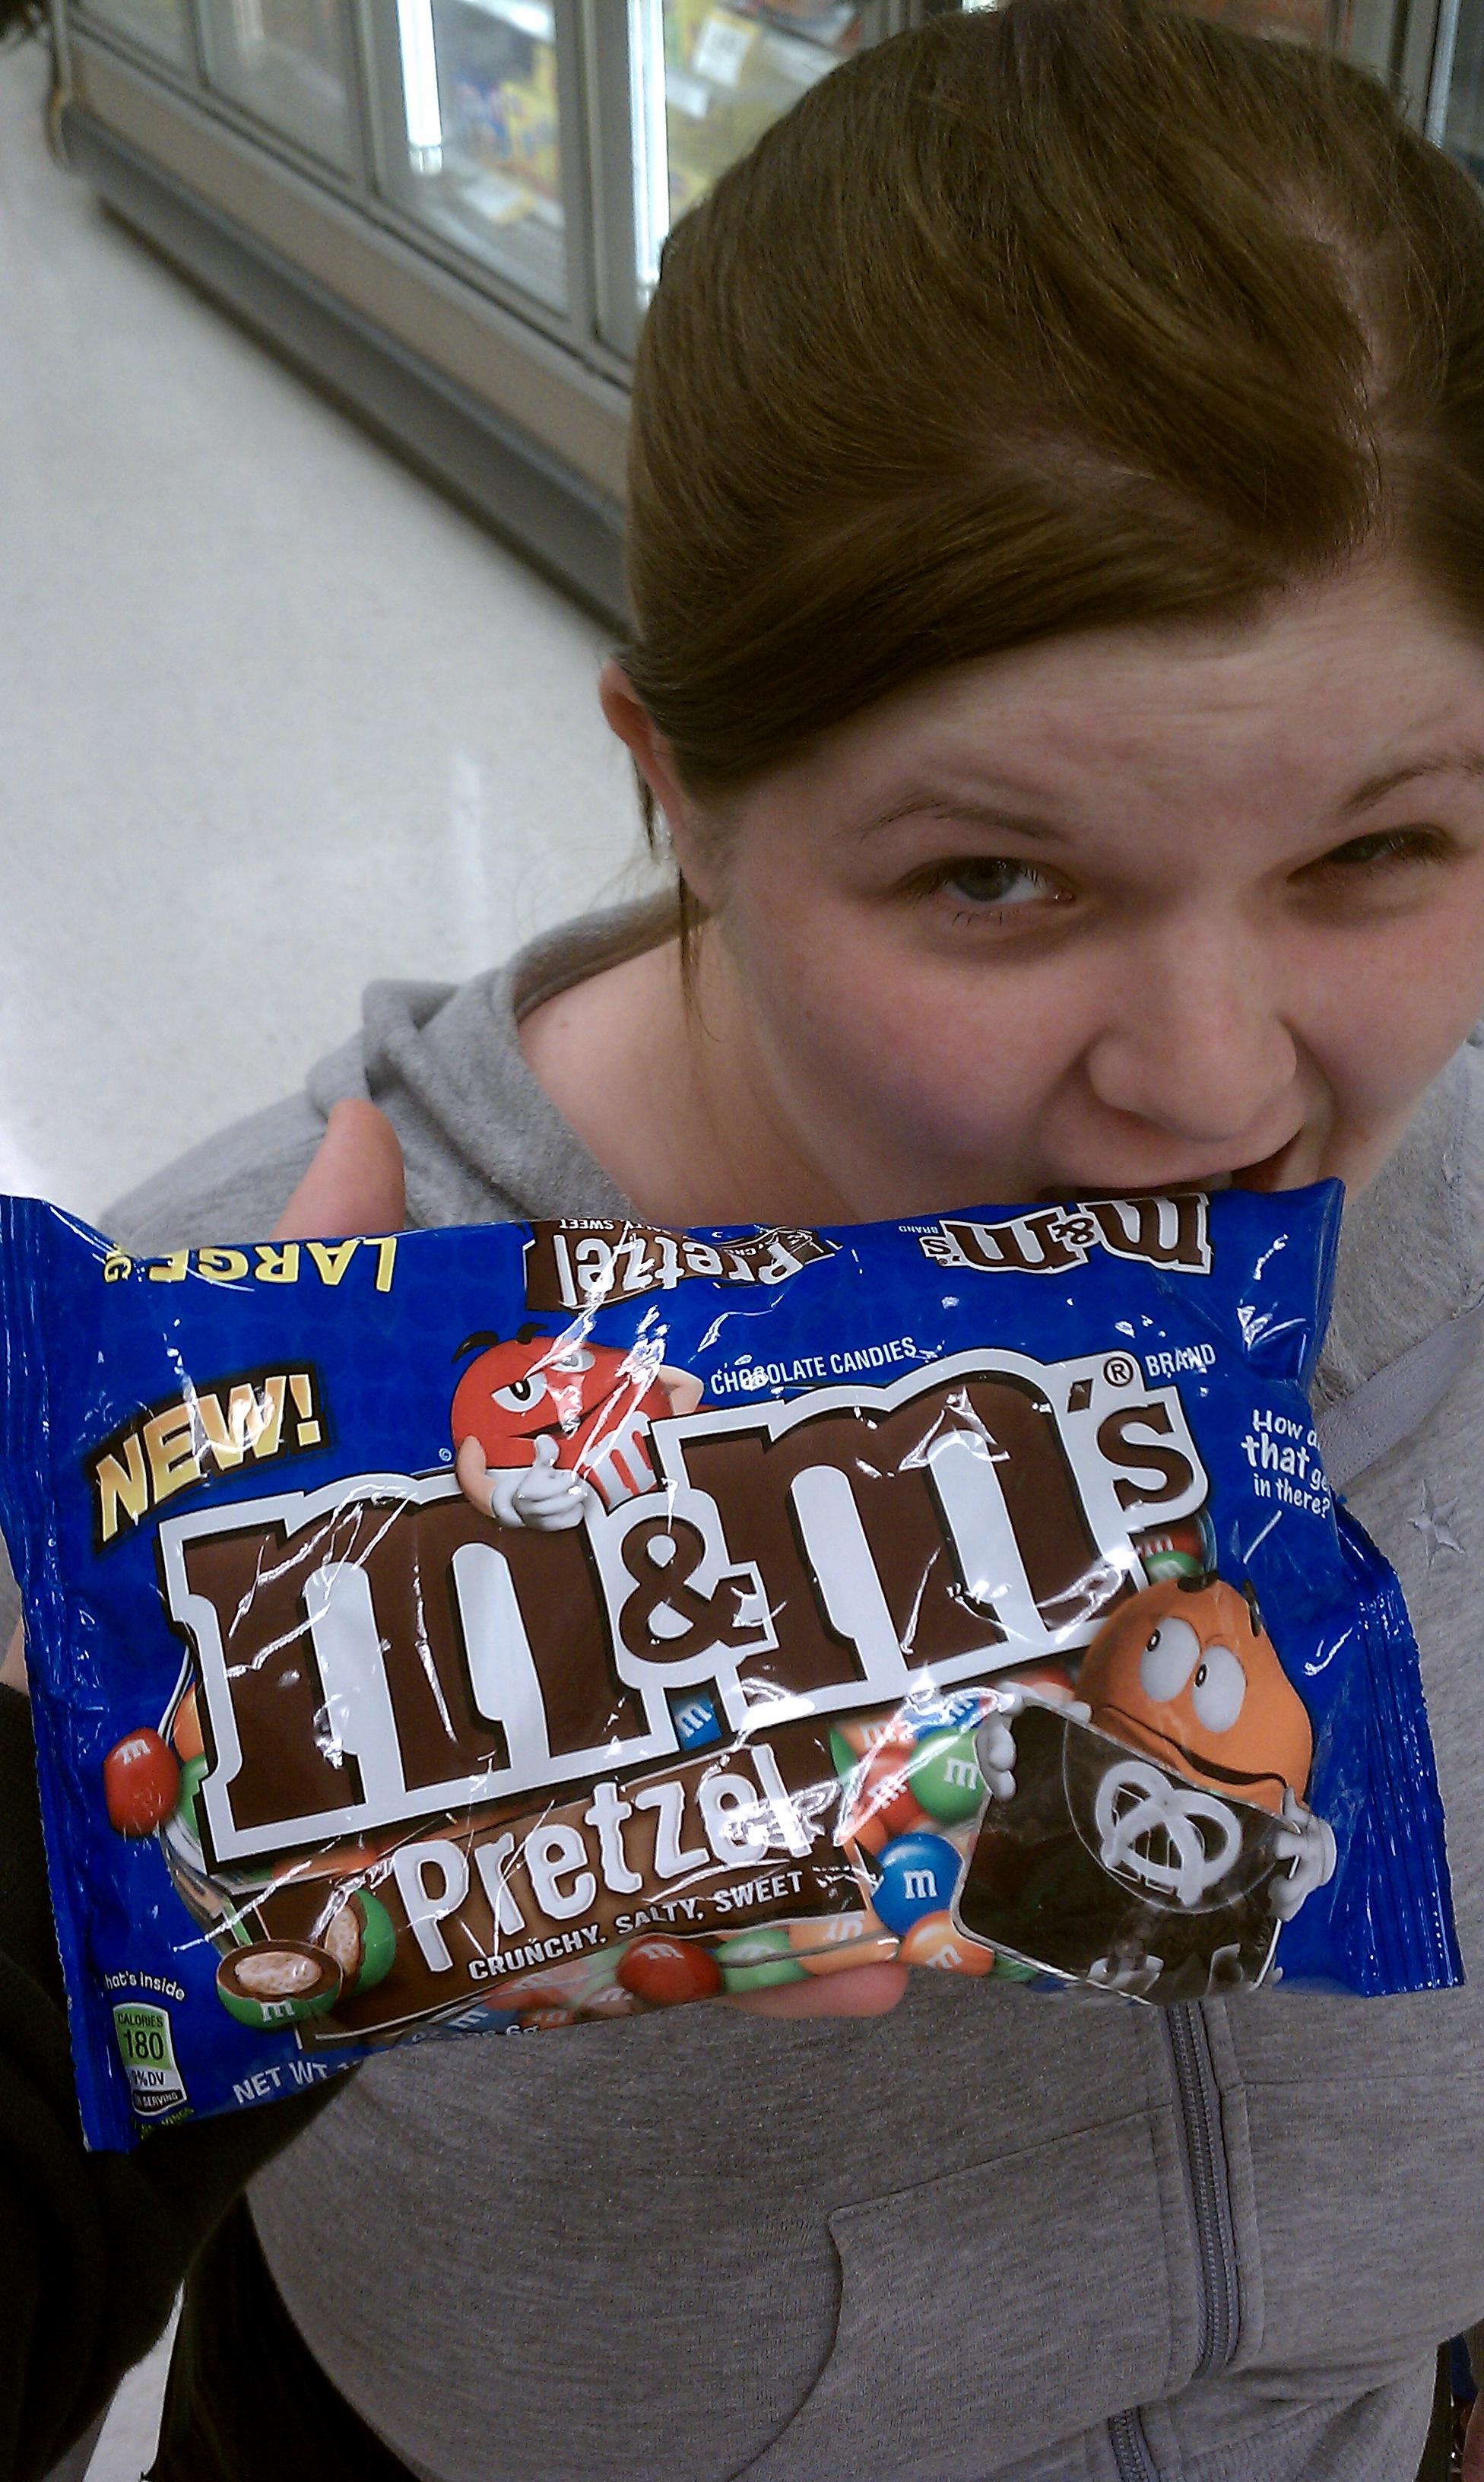 Target newington CT :: pretzel m&ms, amazing